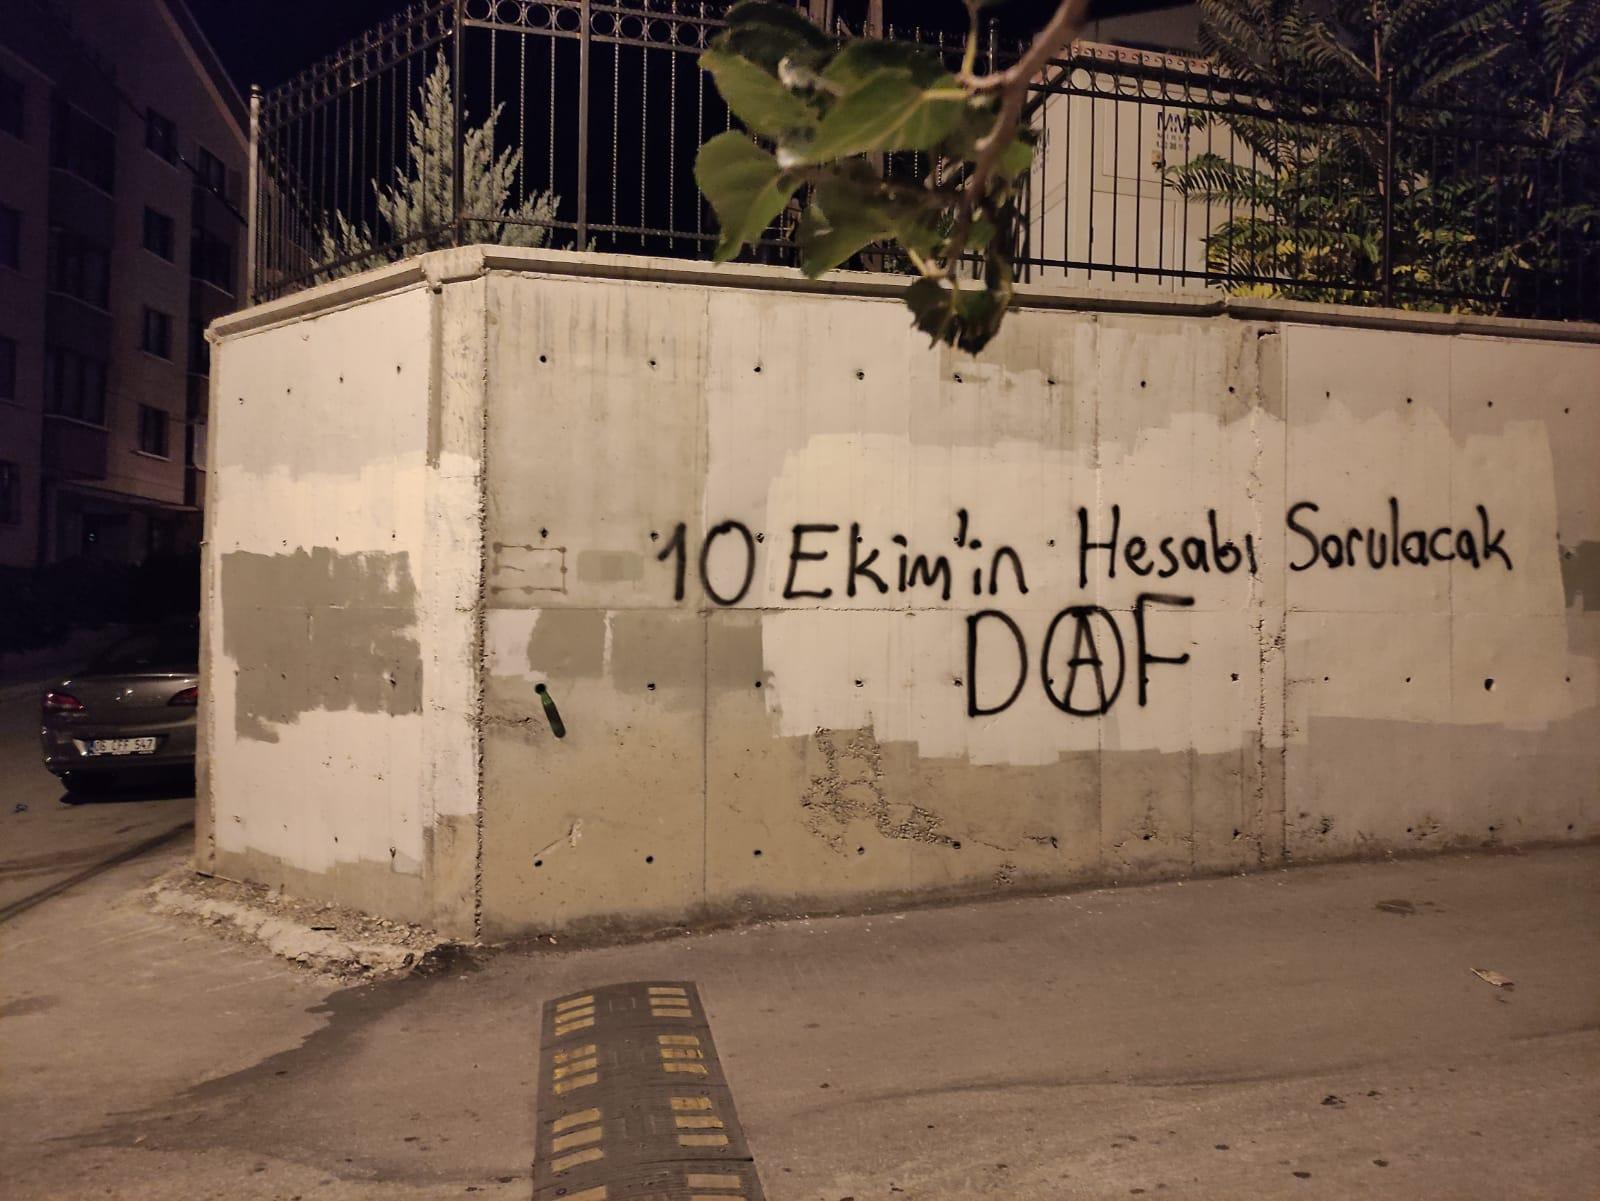 Ankara'da 10 Ekim Yazılamaları: 10 Ekim'in Hesabı Sorulacak!